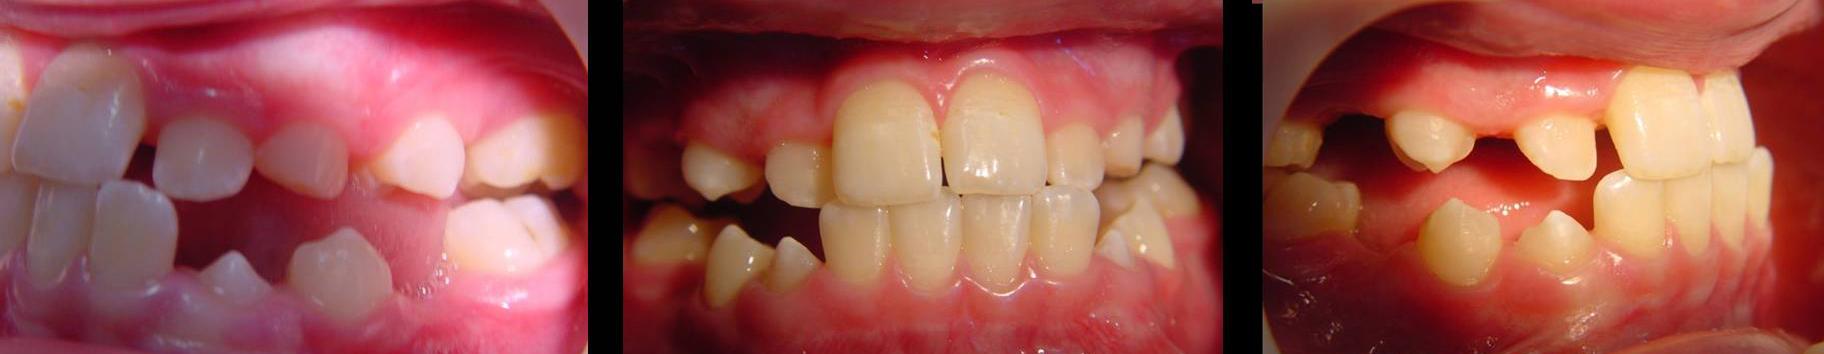 аномалии прикуса, неровные зубы, исправление зубов, лечение зубо-челюстных аномалий, исправление прикуса